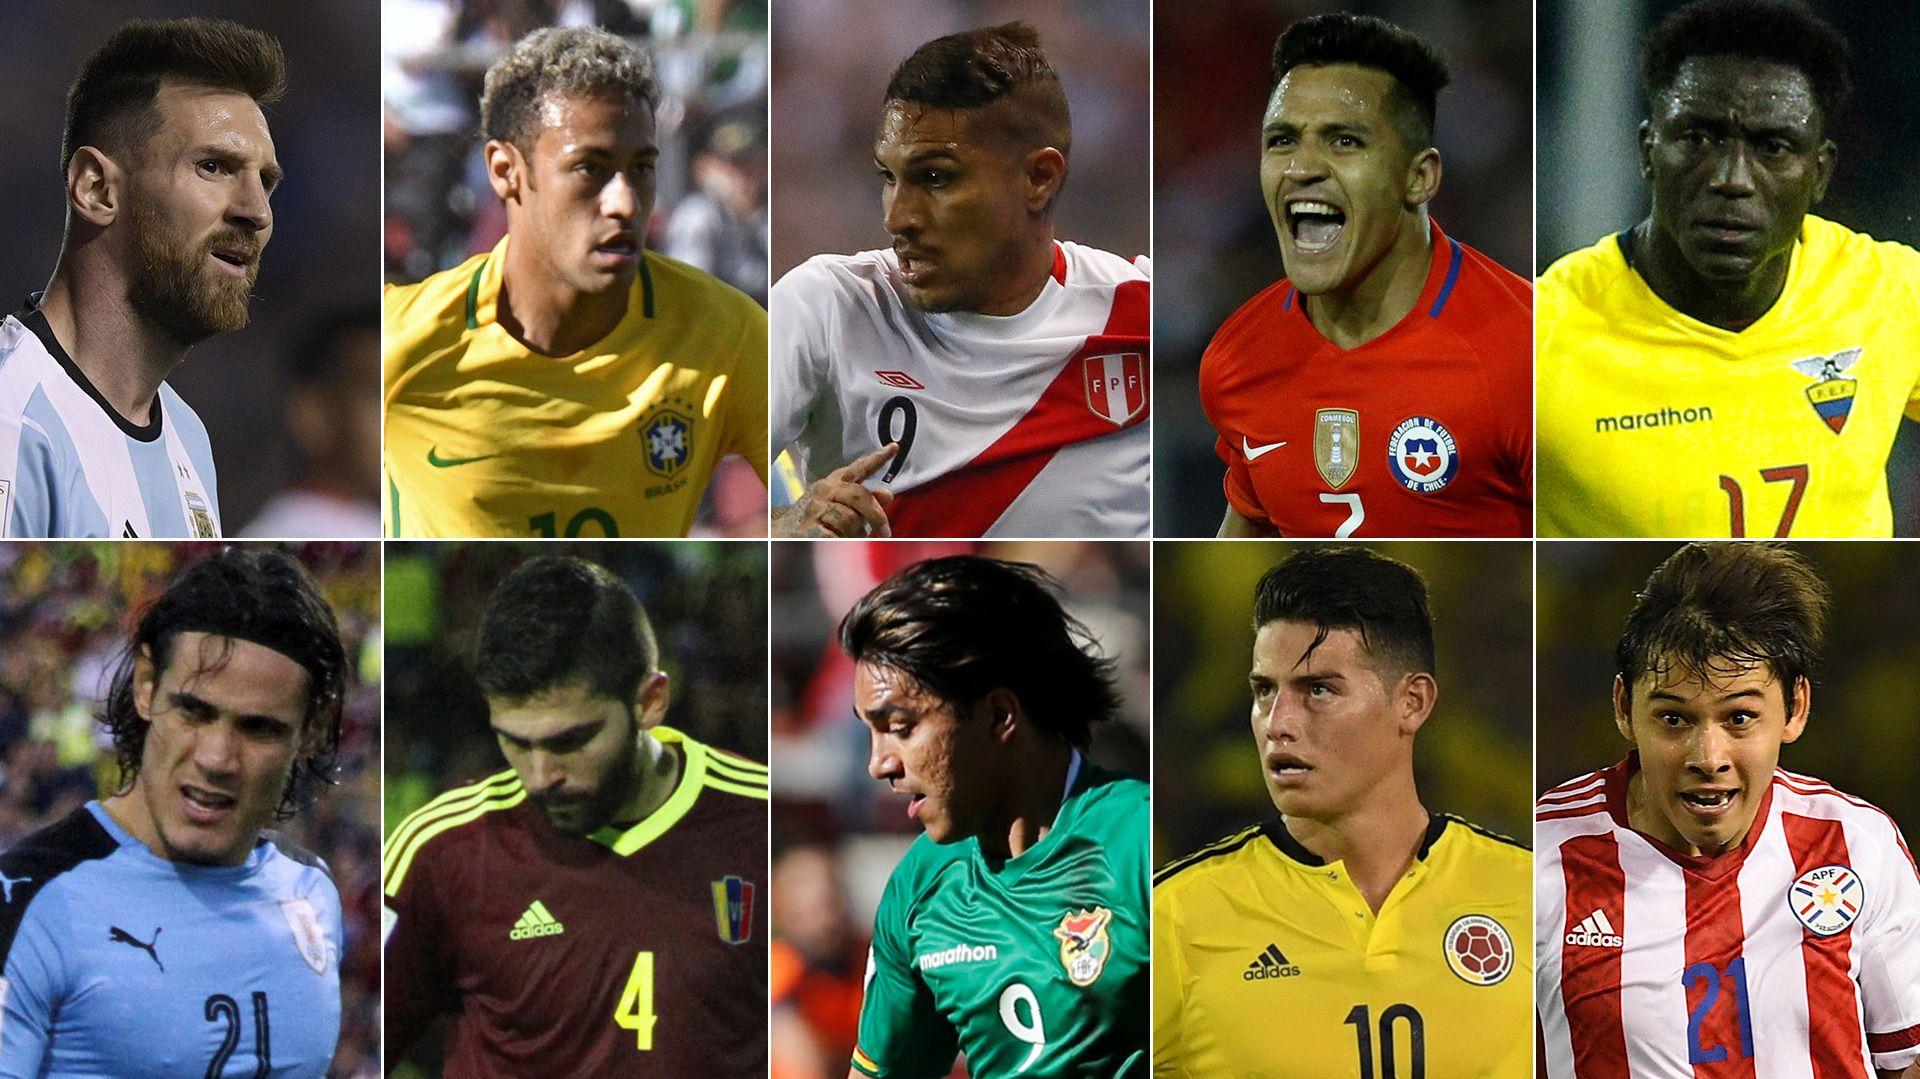 Para septiembre se mantiene el inicio de eliminatorias sudamericanas al Mundial Catar 2022